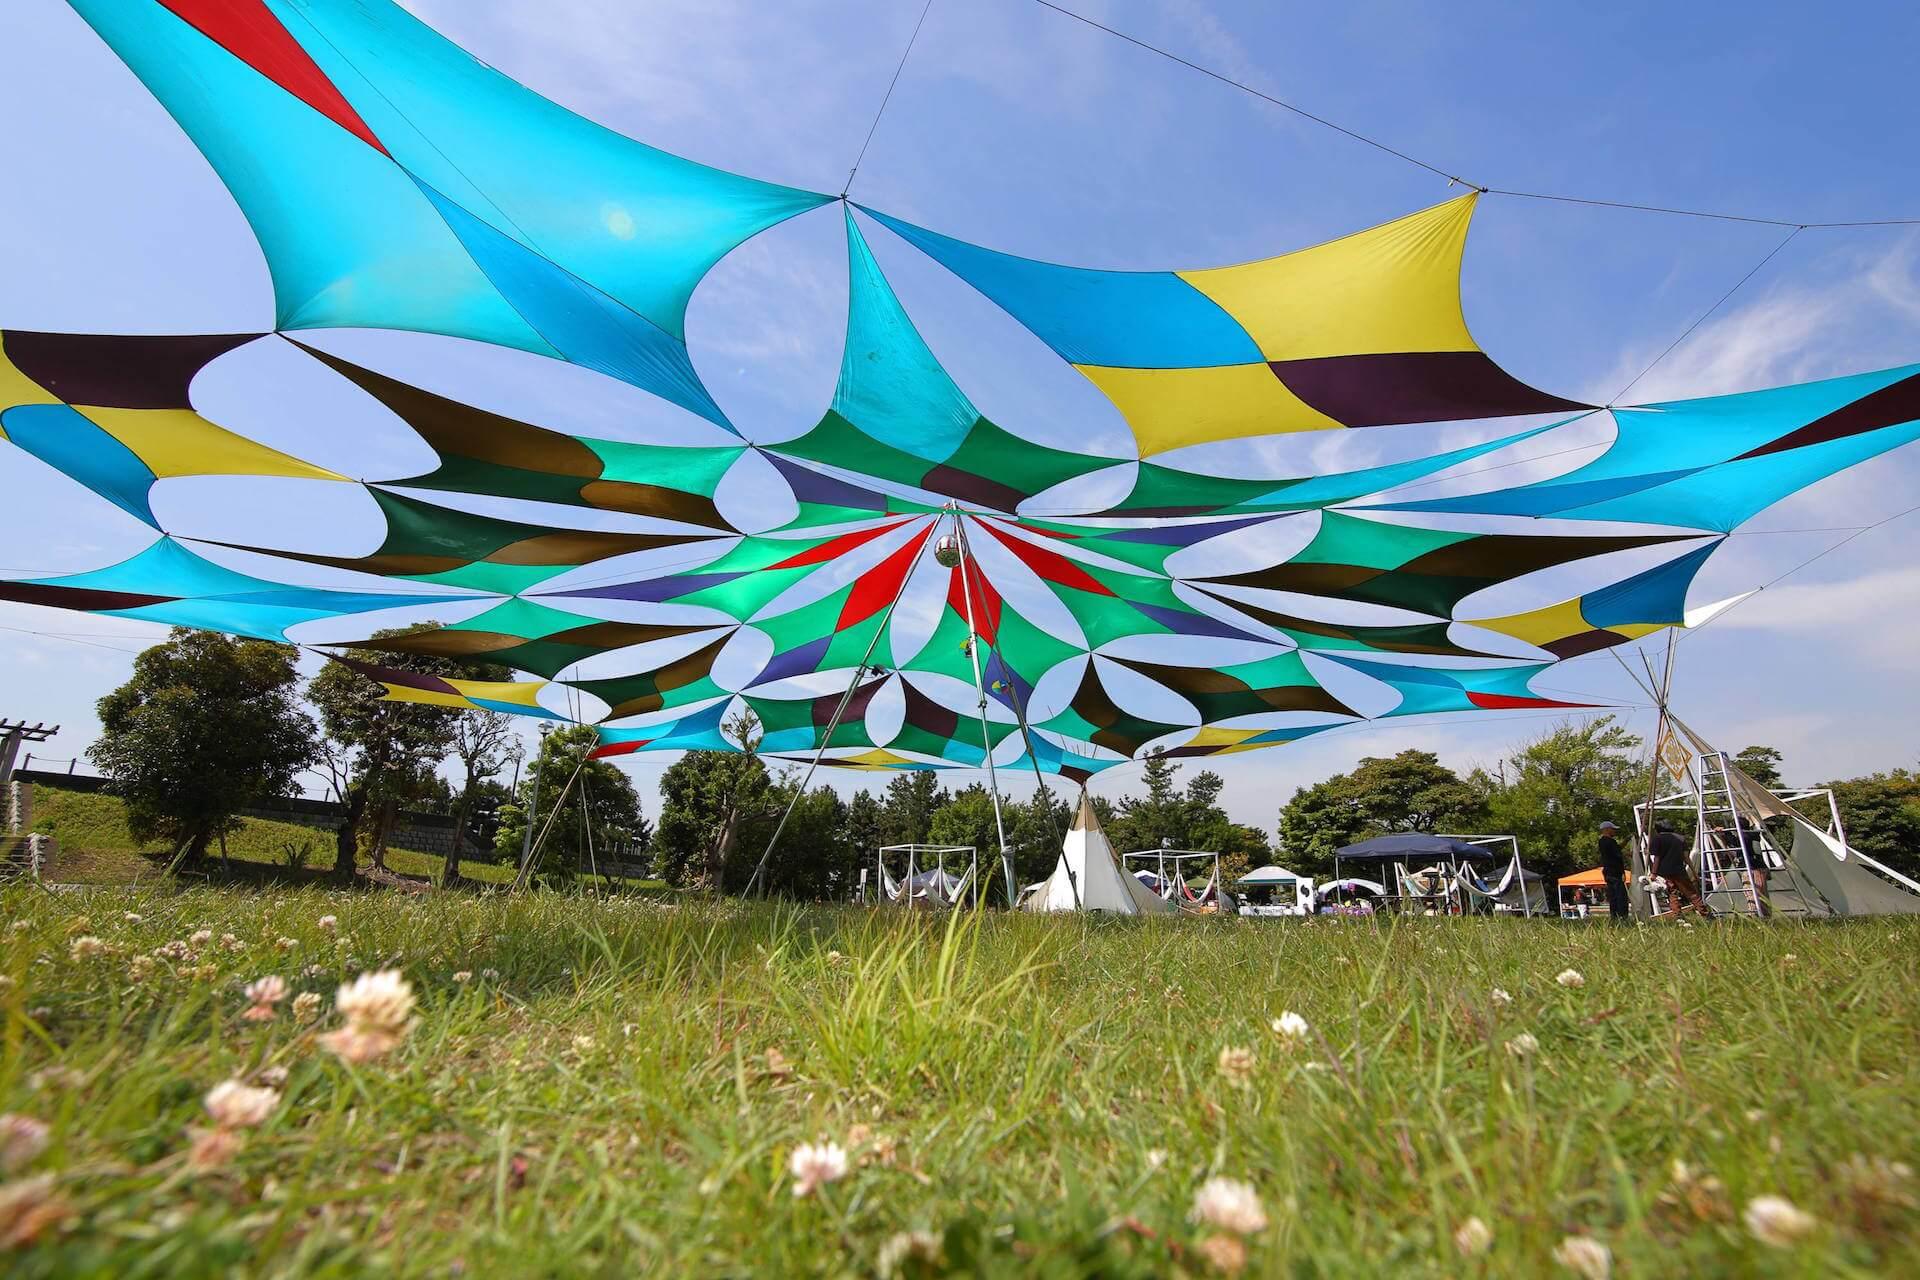 10月開催の<Brightness Open Air 2021 Autumn>第1弾ラインナップが発表!KEN ISHII、REE.K、HIROSHI WATANABE a.k.a KAITOら20組超え music210805_brightness-open-air_1